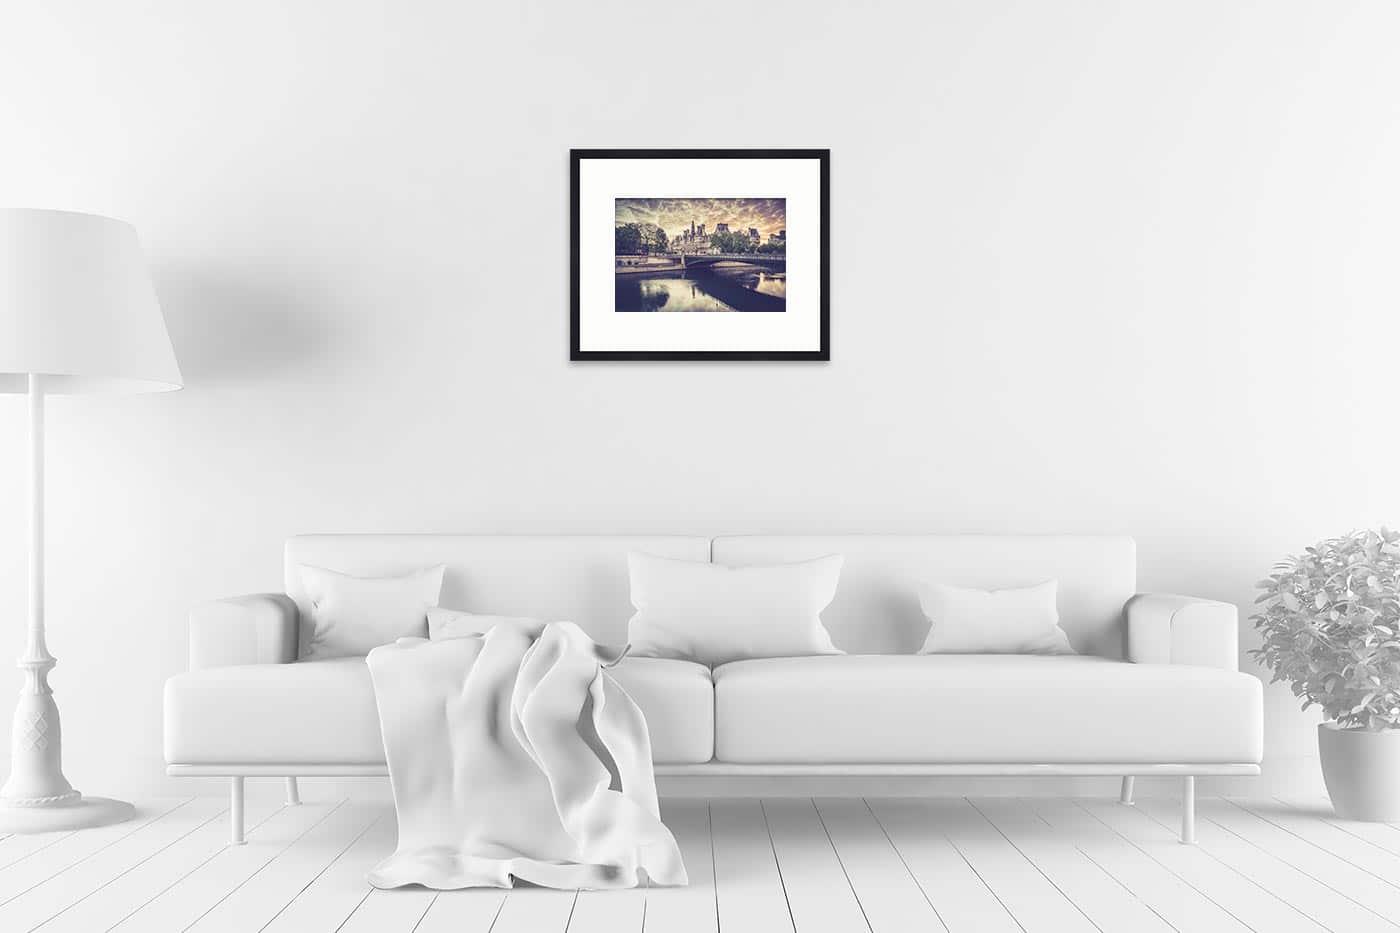 Cadre galerie 40x50 Paris 6H31